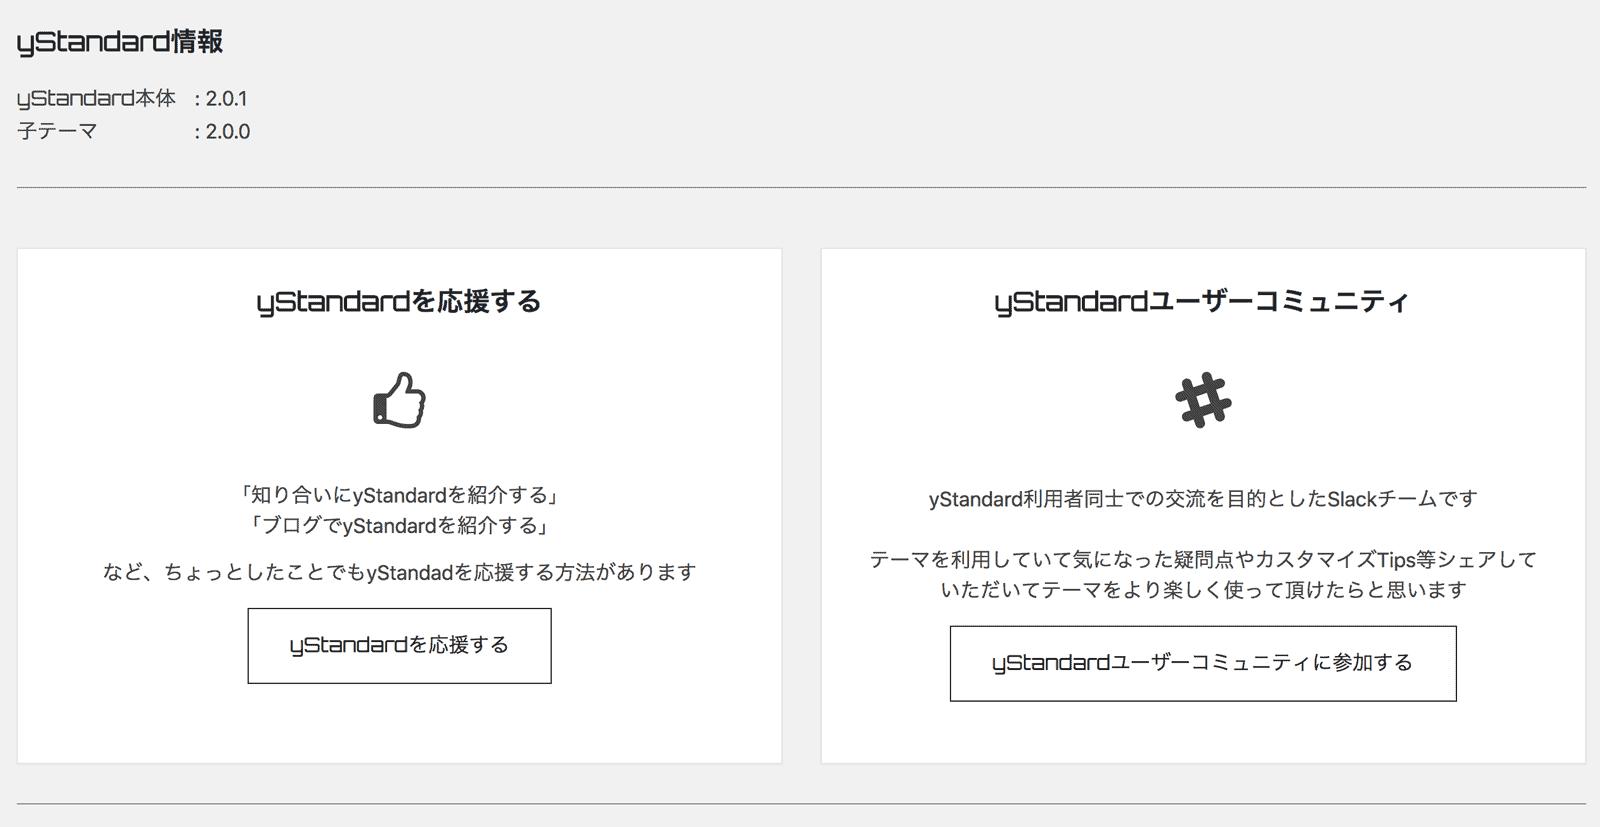 応援ページとSlackユーザーコミュニティへの導線を追加